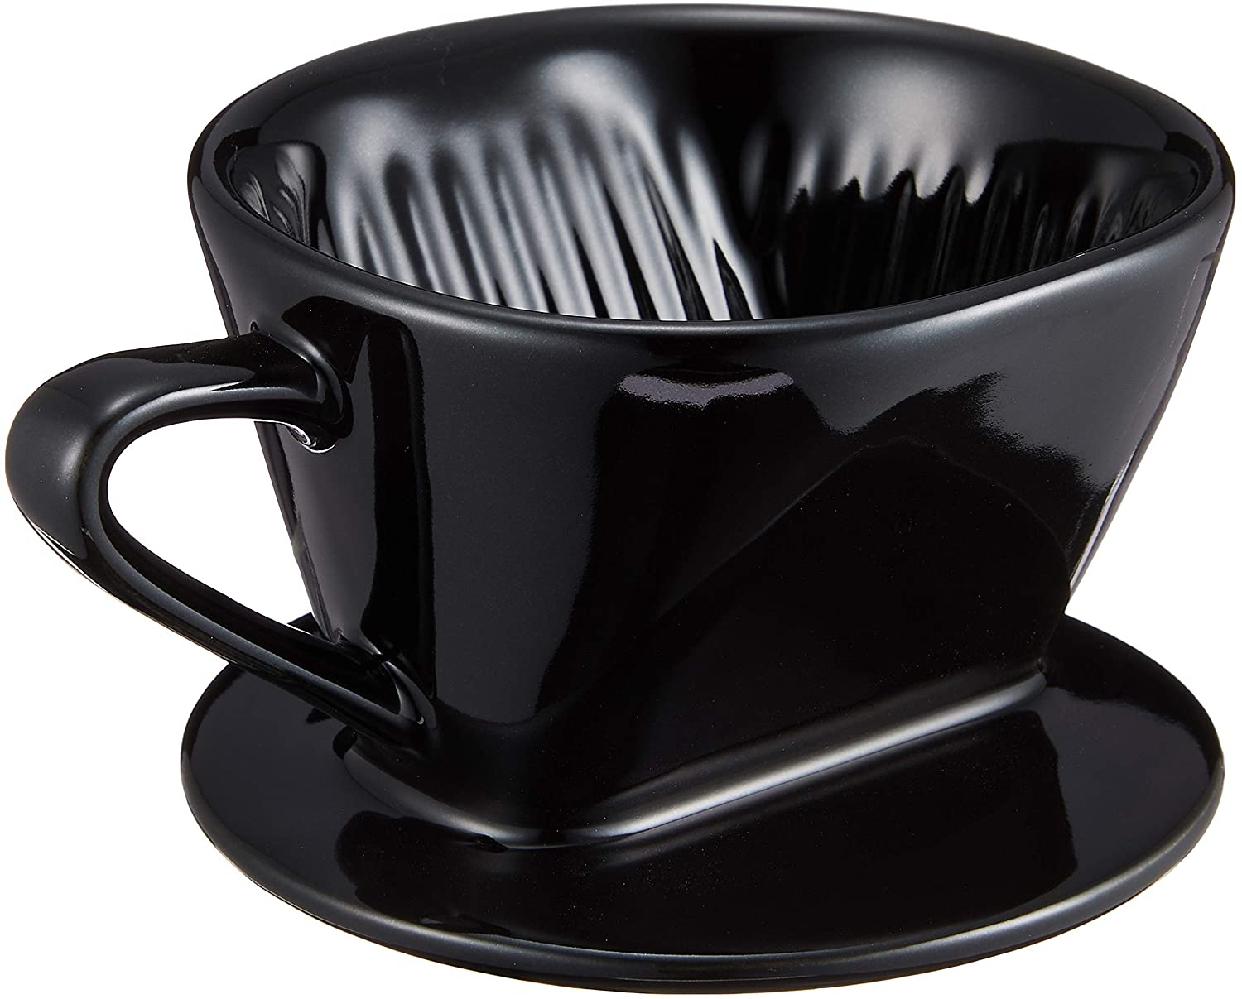 BONMAC(ボンマック) コーヒー ドリッパー メジャースプーン付き 1~2杯用 CD-1B ブラック #813002の商品画像2